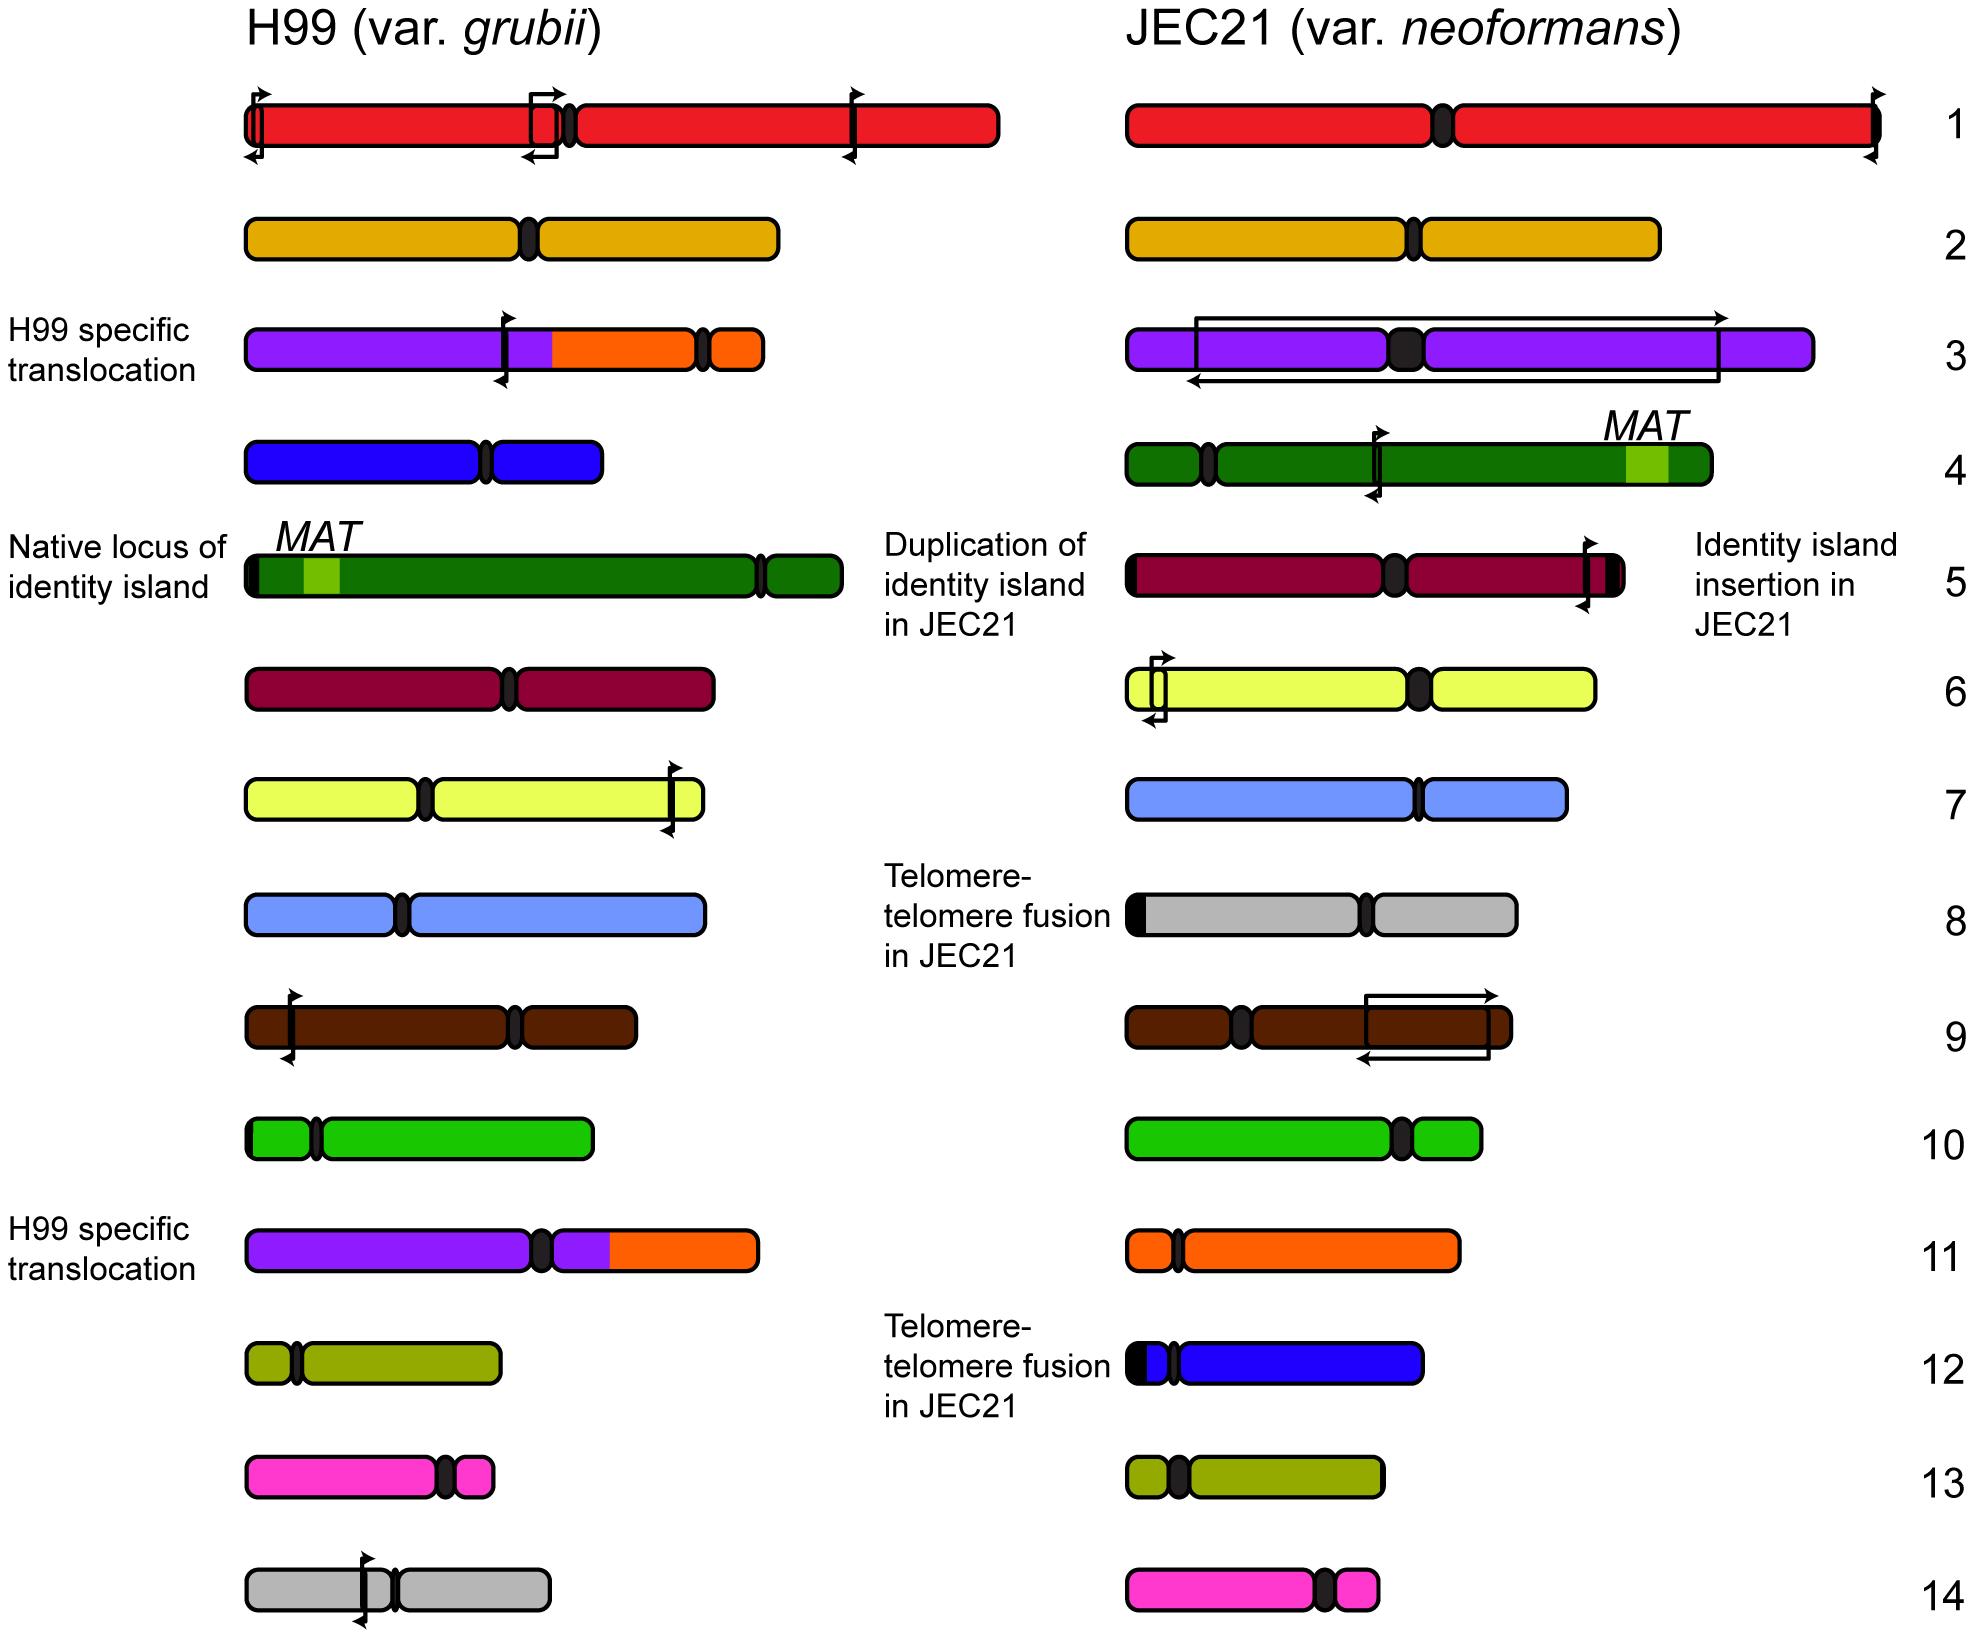 Genomic comparisons between var. <i>grubii</i> and var. <i>neoformans</i> reveal relatively few rearrangements.